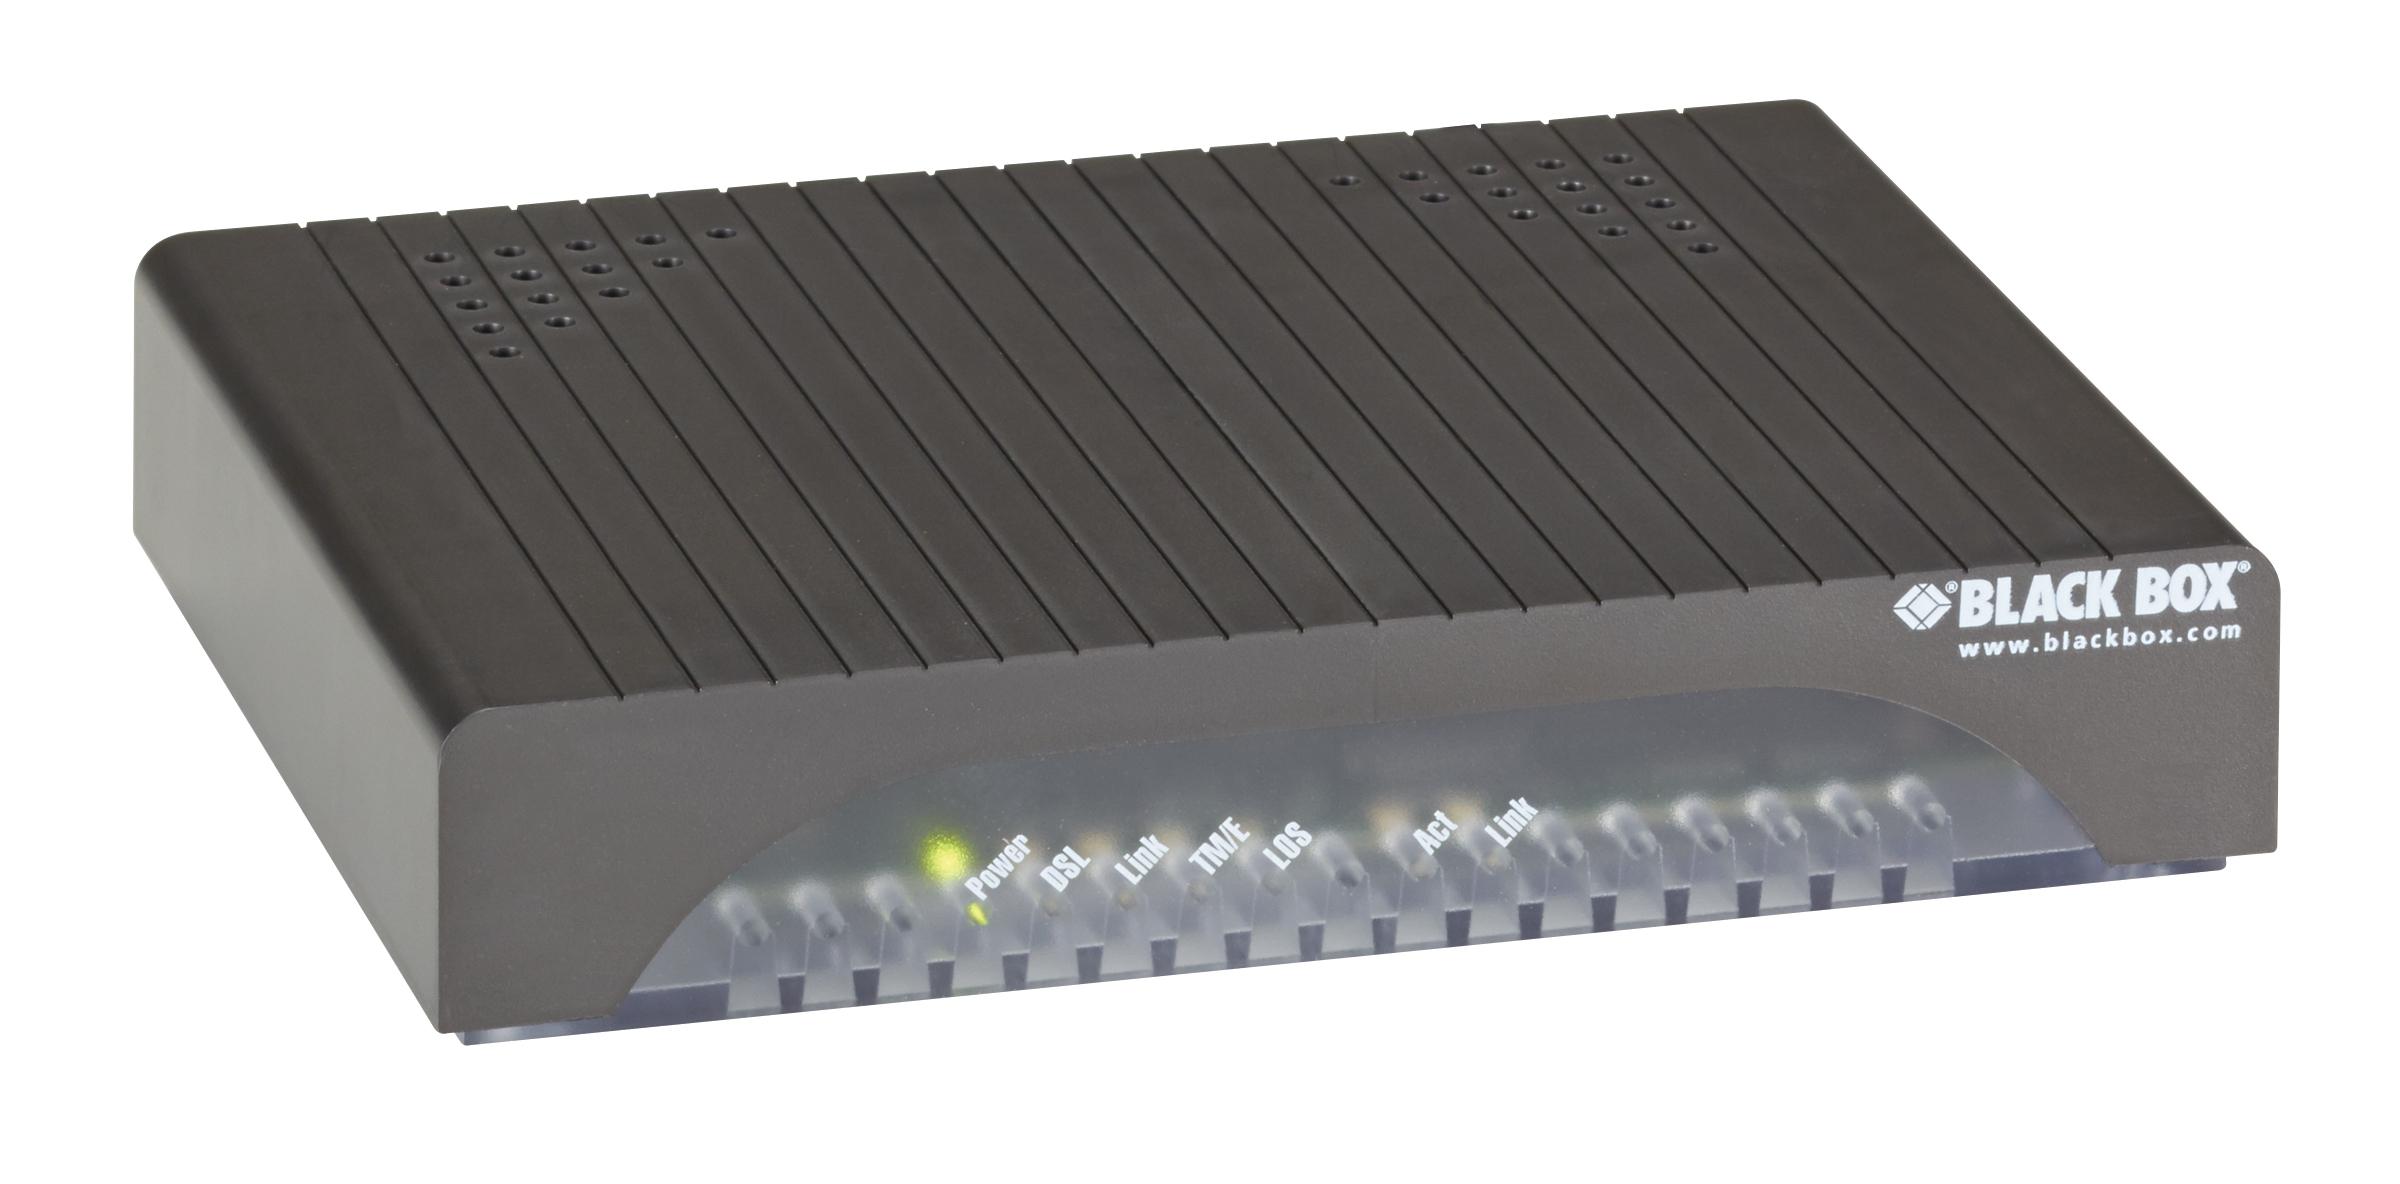 E1/T1 extender G.SHDSL